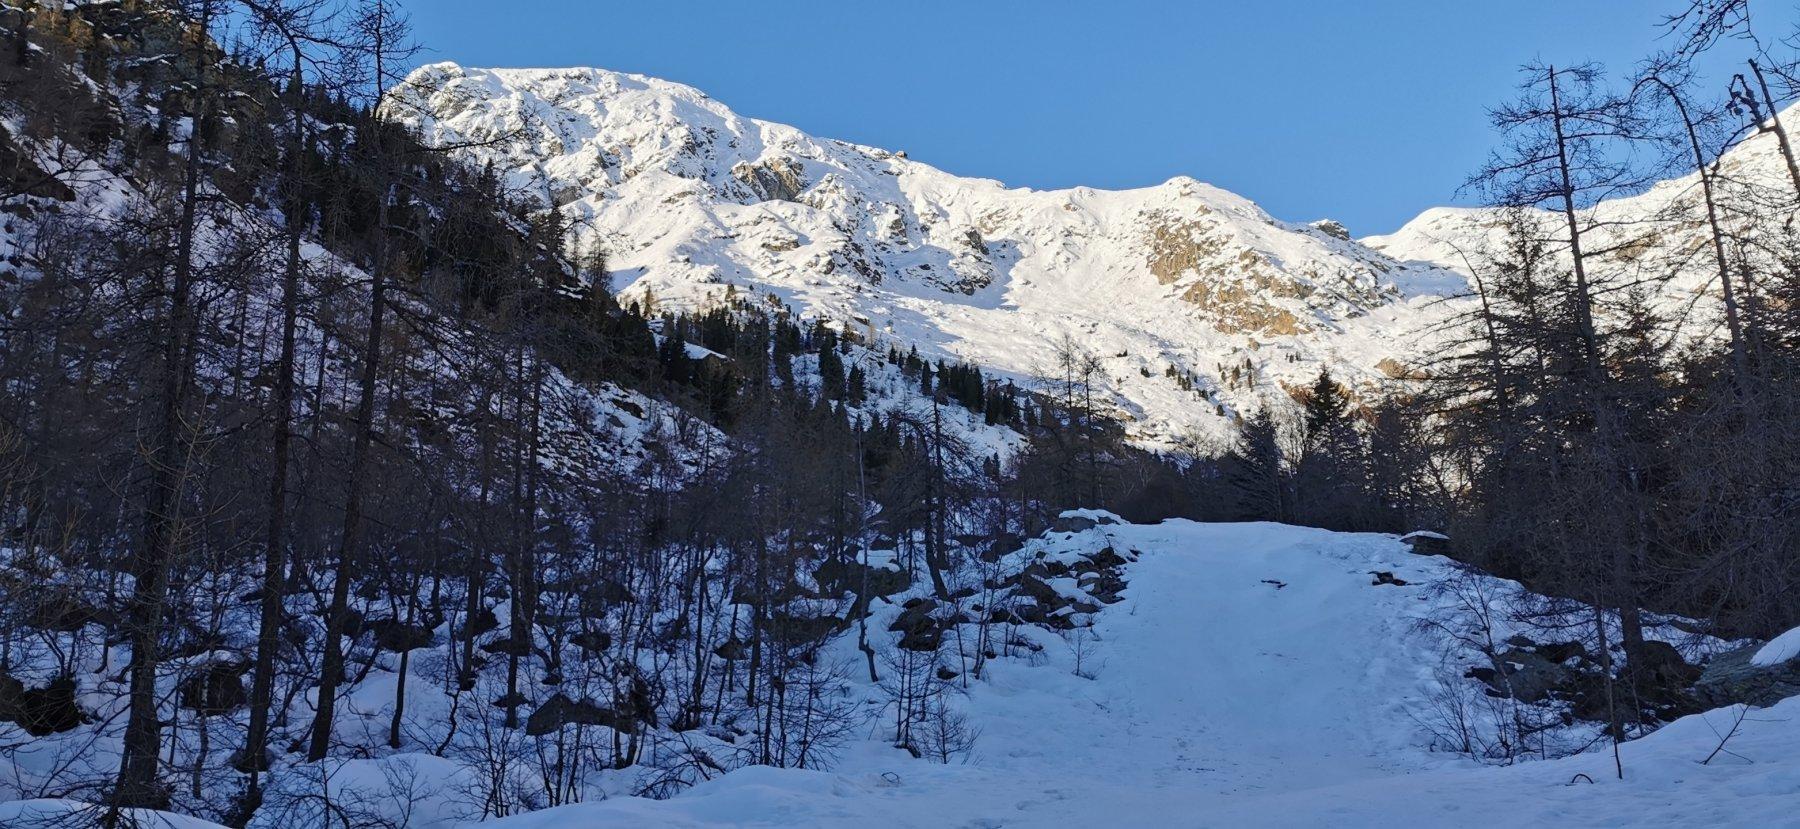 il tratto iniziale dell'ex-pista Busancano e il Monte Mucrone